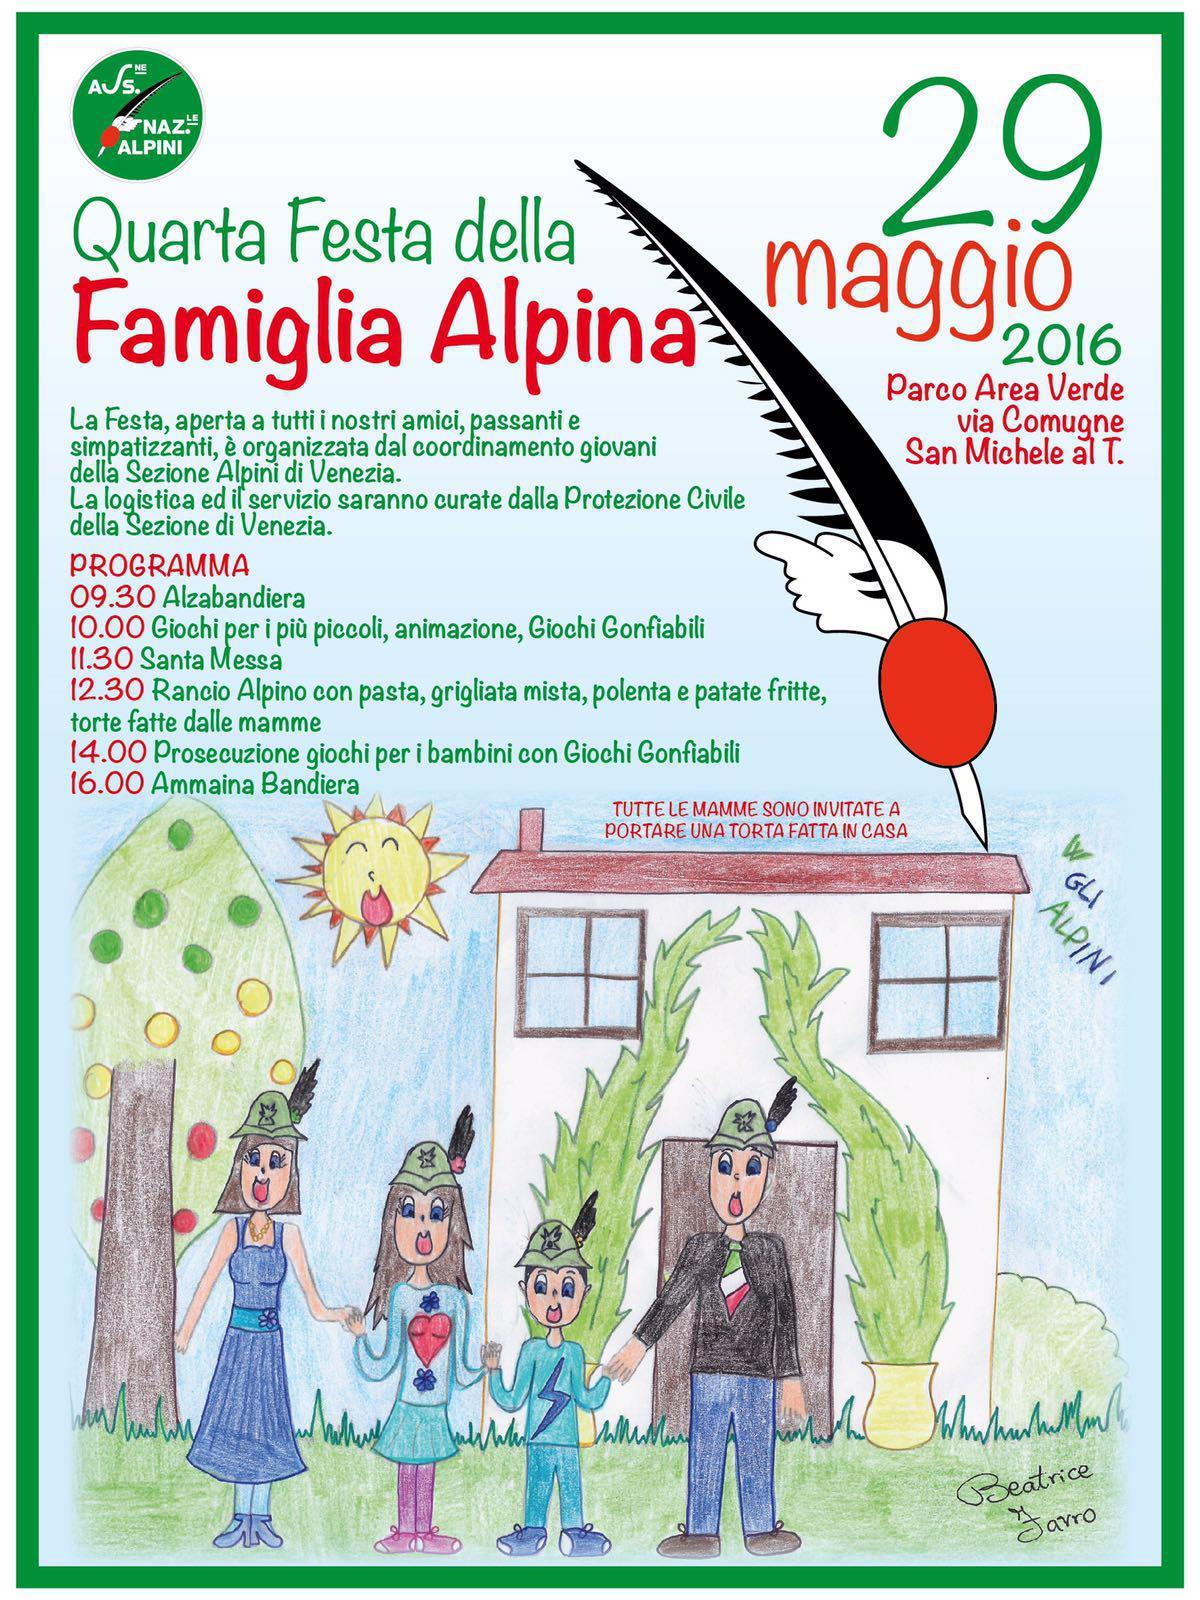 Festa della Famiglia Alpina